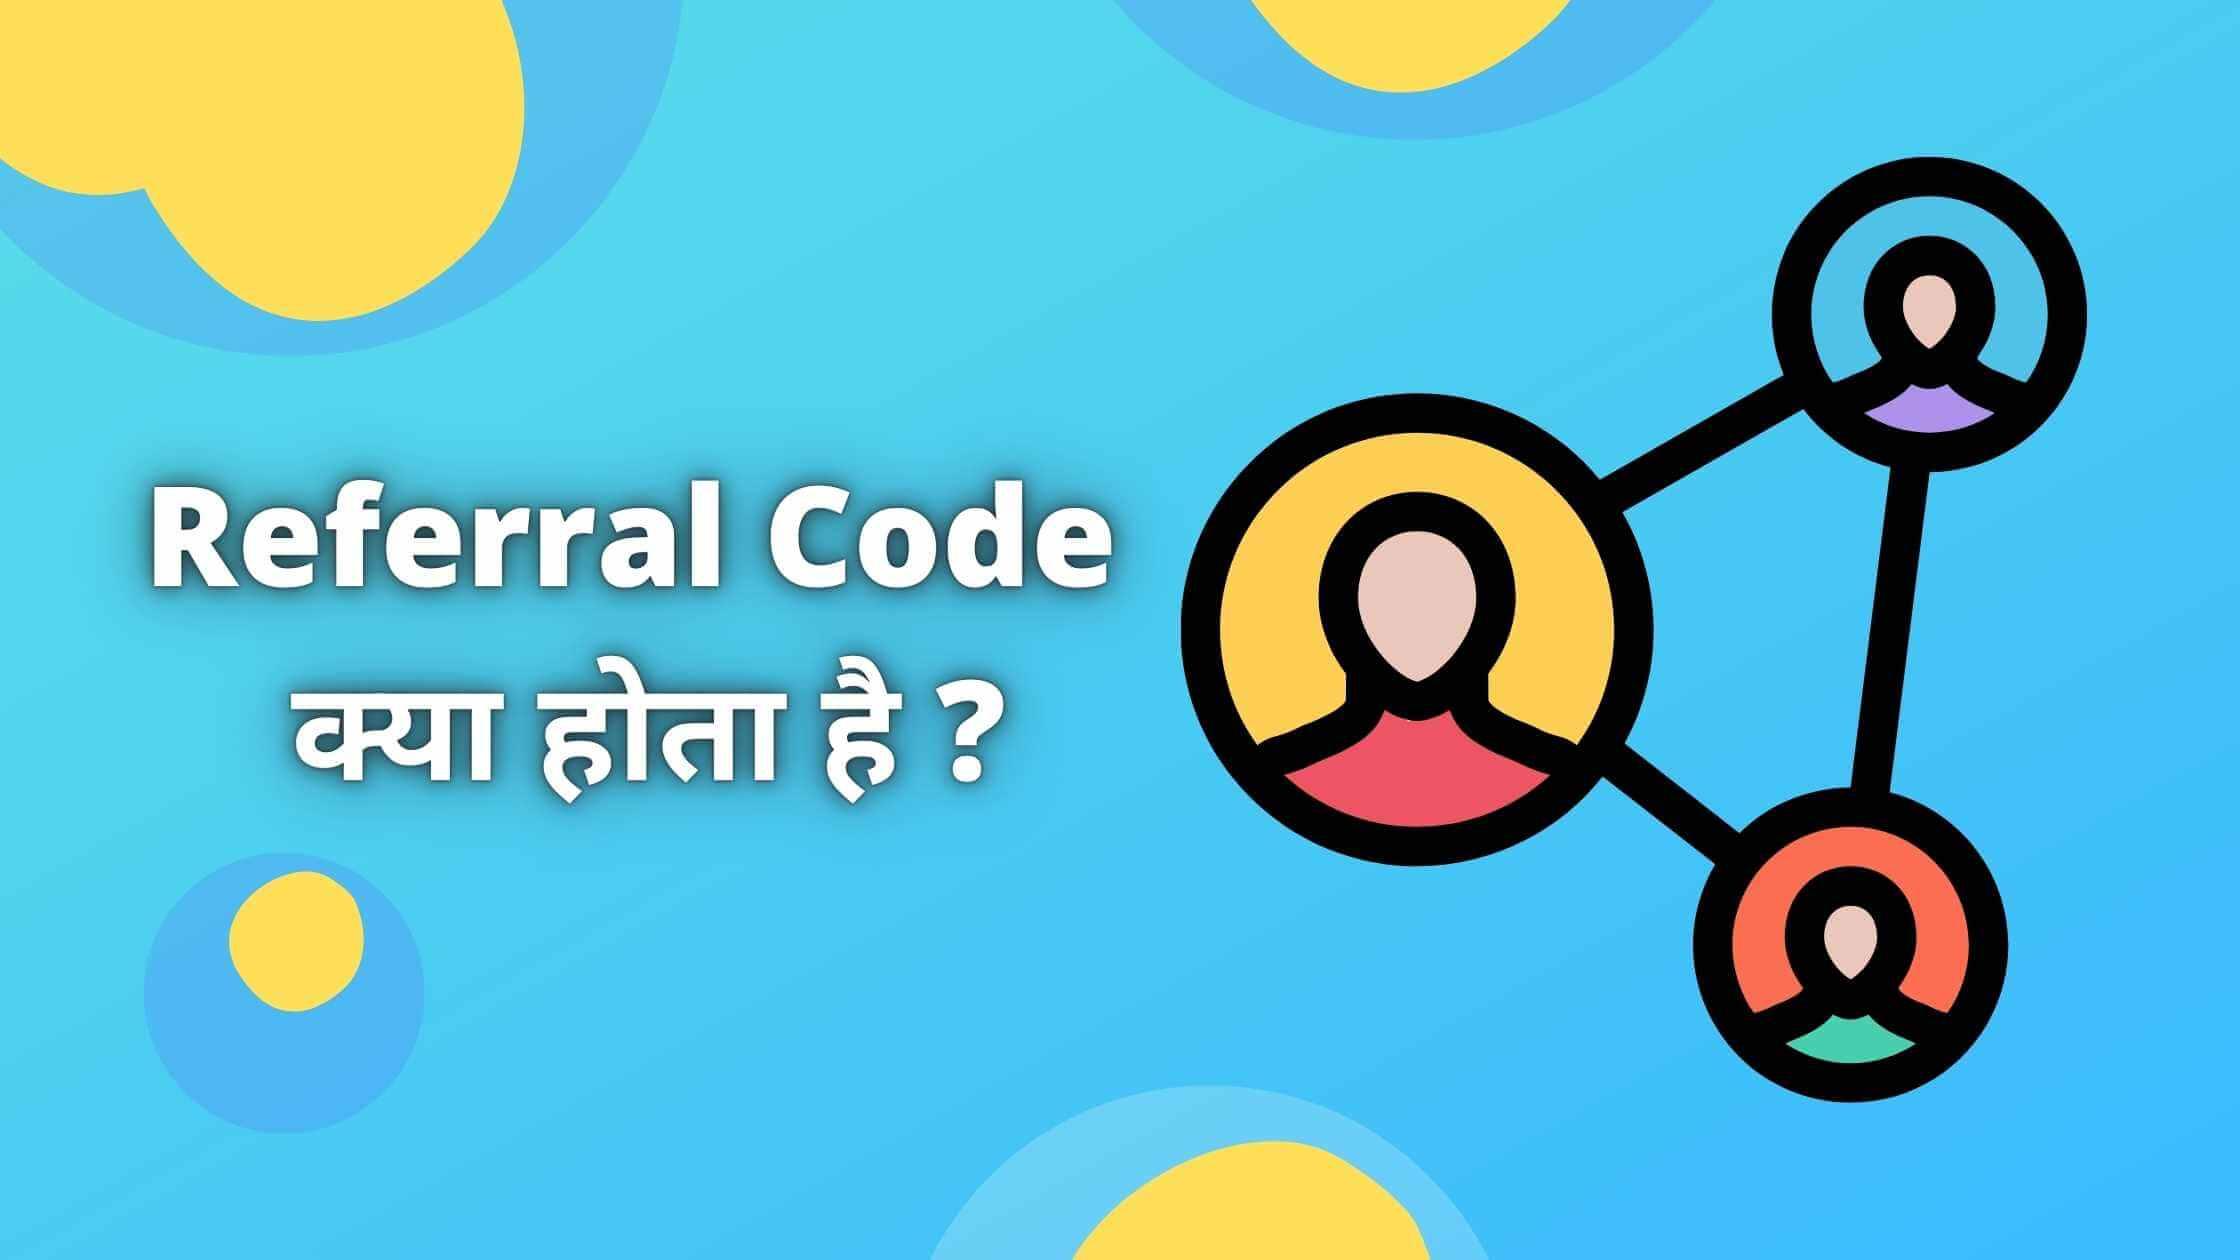 Referral Code kya Hota hai और जानिए Referral Code का मतलब क्या होता है ?